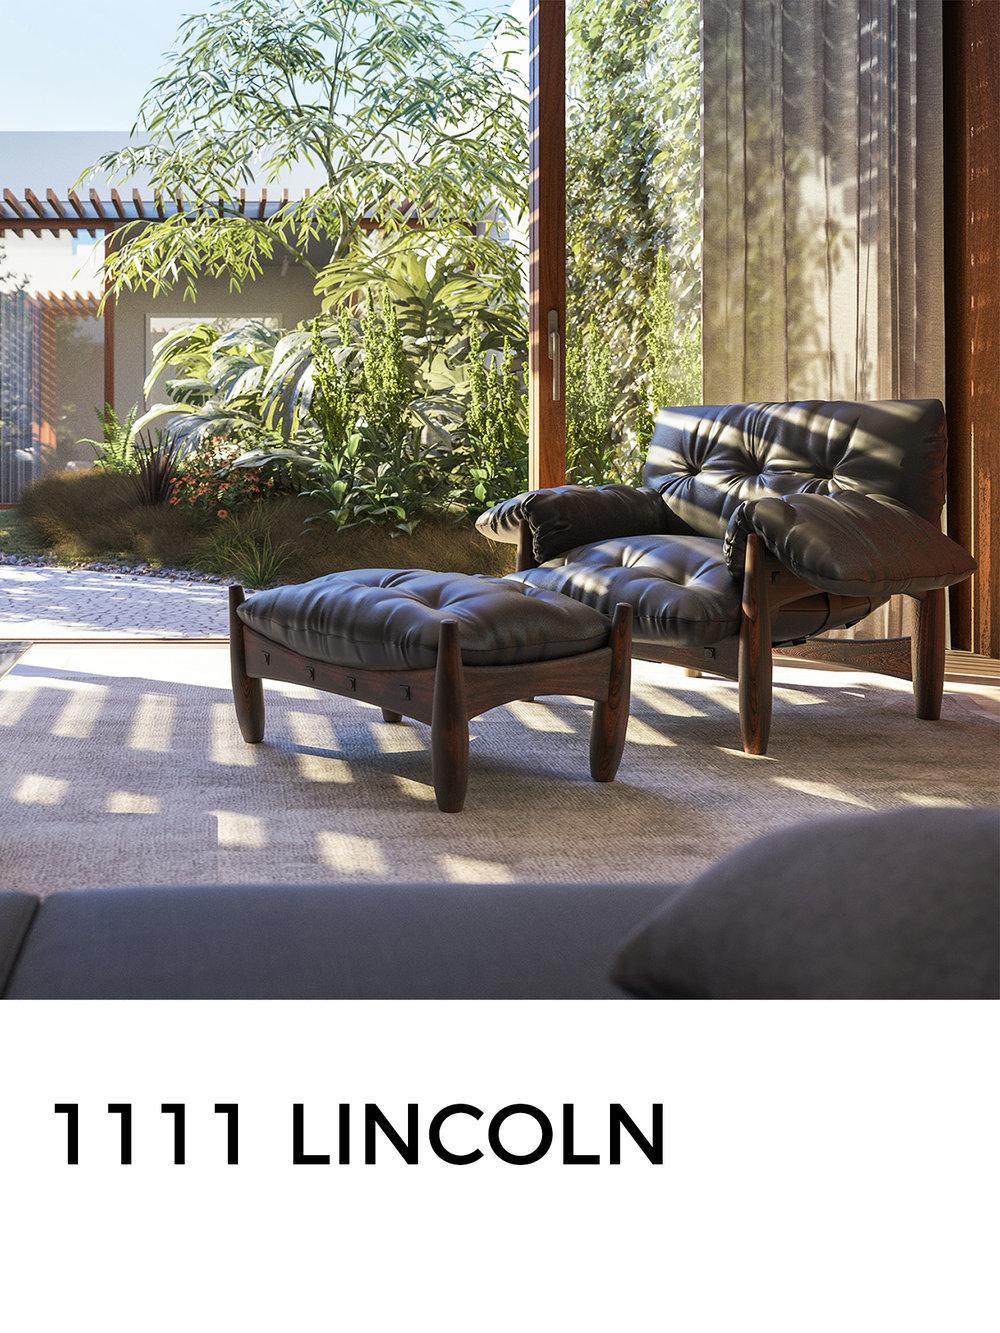 1111 Lincoln